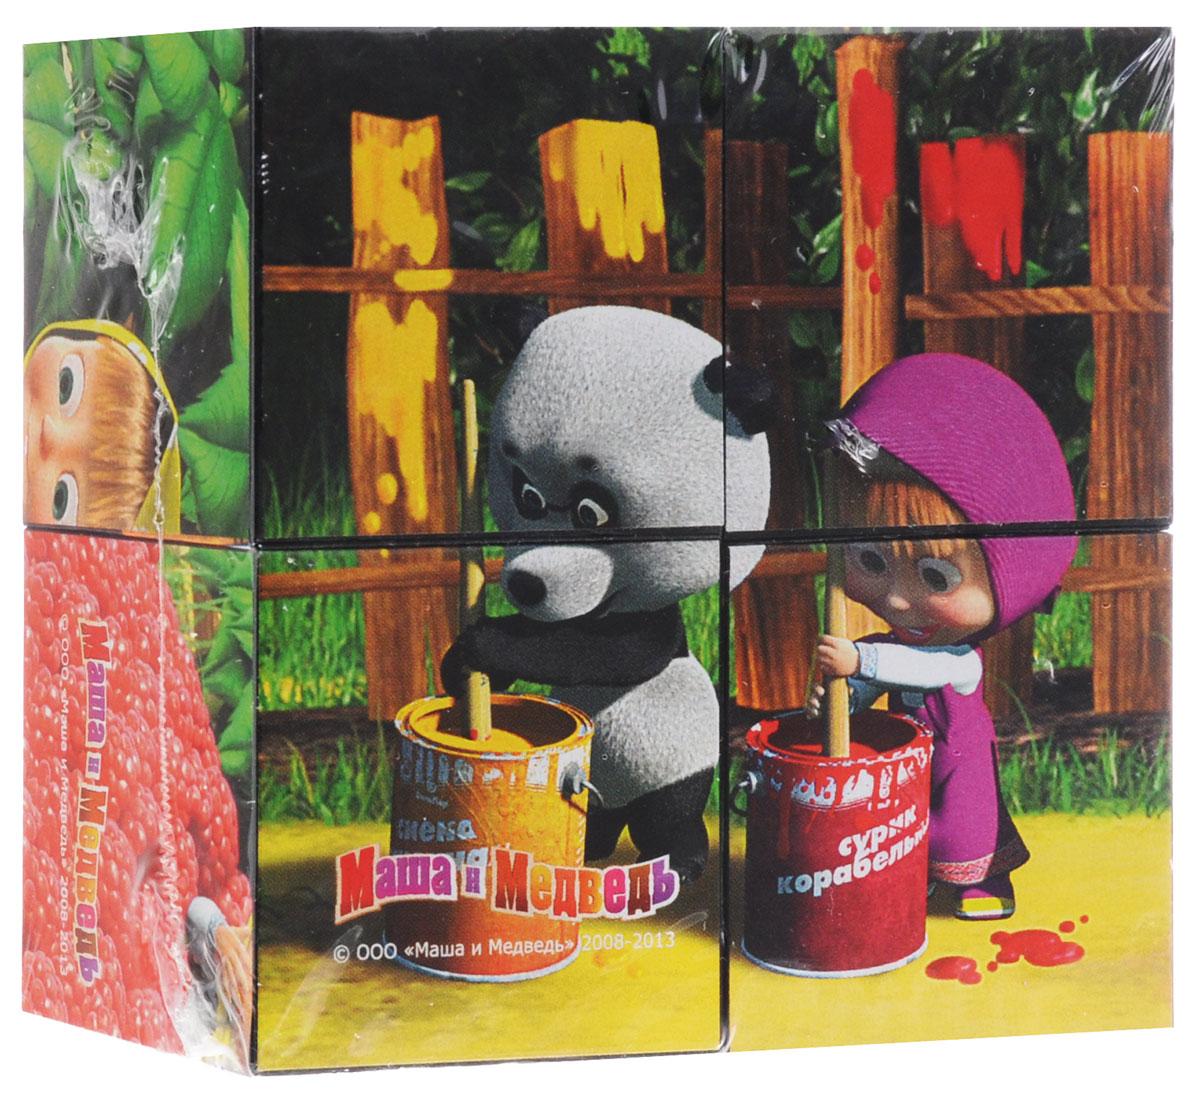 Step Puzzle Кубики Маша и Медведь Краска87132_краскаС помощью четырех кубиков Step Puzzle Маша и Медведь: Краска ребенок сможет собрать целых шесть красочных картинок с изображением героев из одноименного мультфильма. Игра с кубиками развивает зрительное восприятие, наблюдательность и внимание, мелкую моторику рук и произвольные движения. Ребенок научится складывать целостный образ из частей, определять недостающие детали изображения. Это прекрасный комплект для развлечения и времяпрепровождения с пользой для малыша.